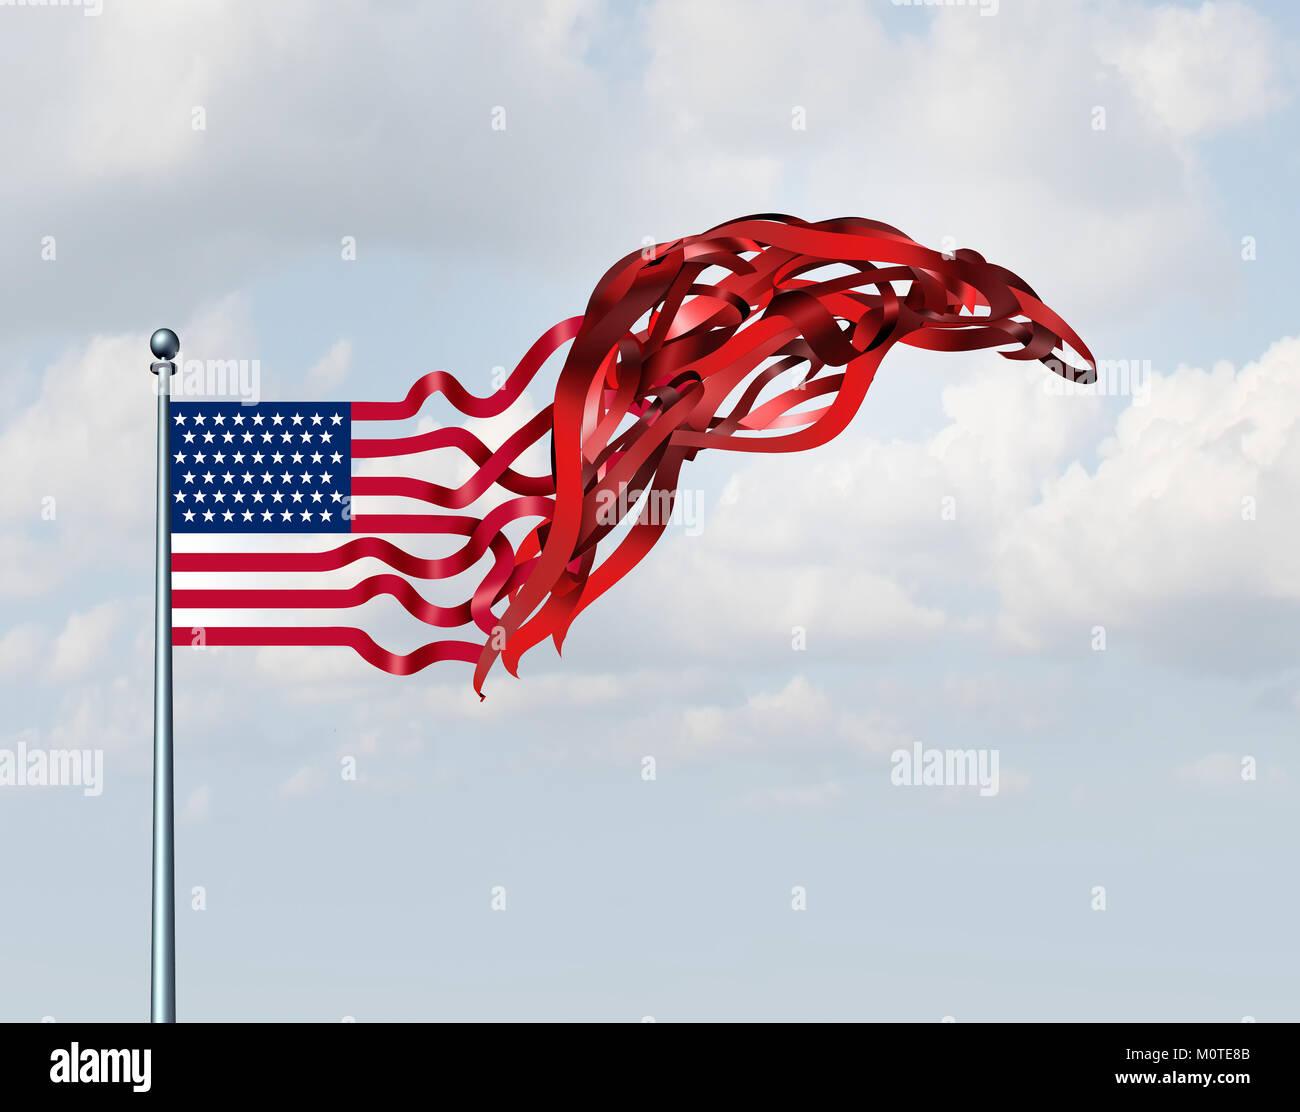 Regierung der Vereinigten Staaten Konzept wie eine amerikanische Flagge als politische Satire mit 3D-Illustration Stockbild